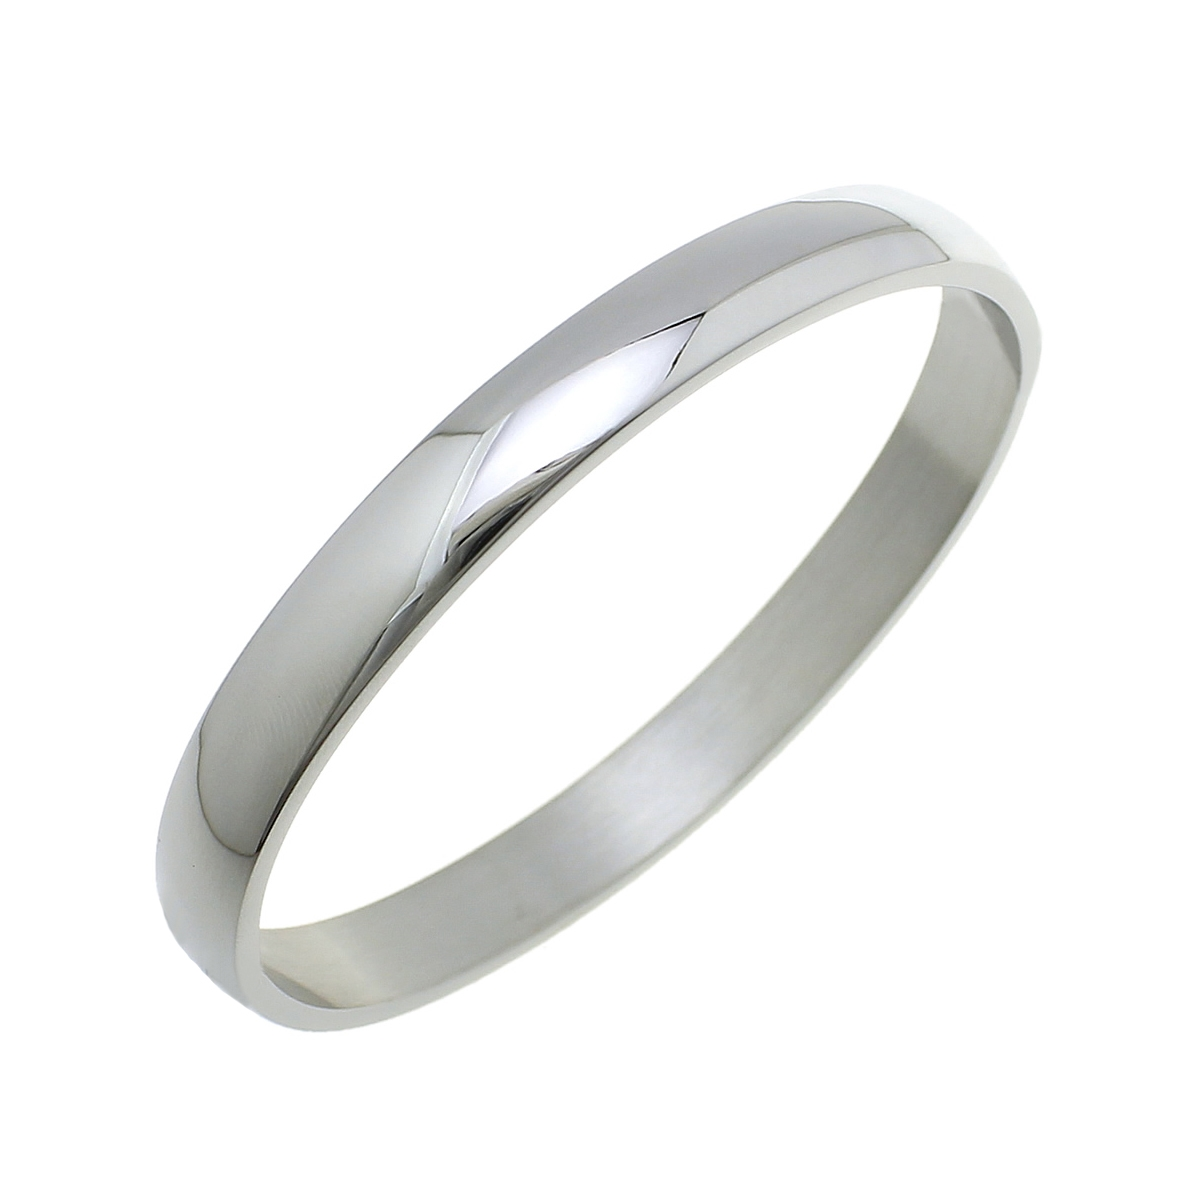 Ocelový náramek kruh velký, obvod 21 cm, šíře 10 mm